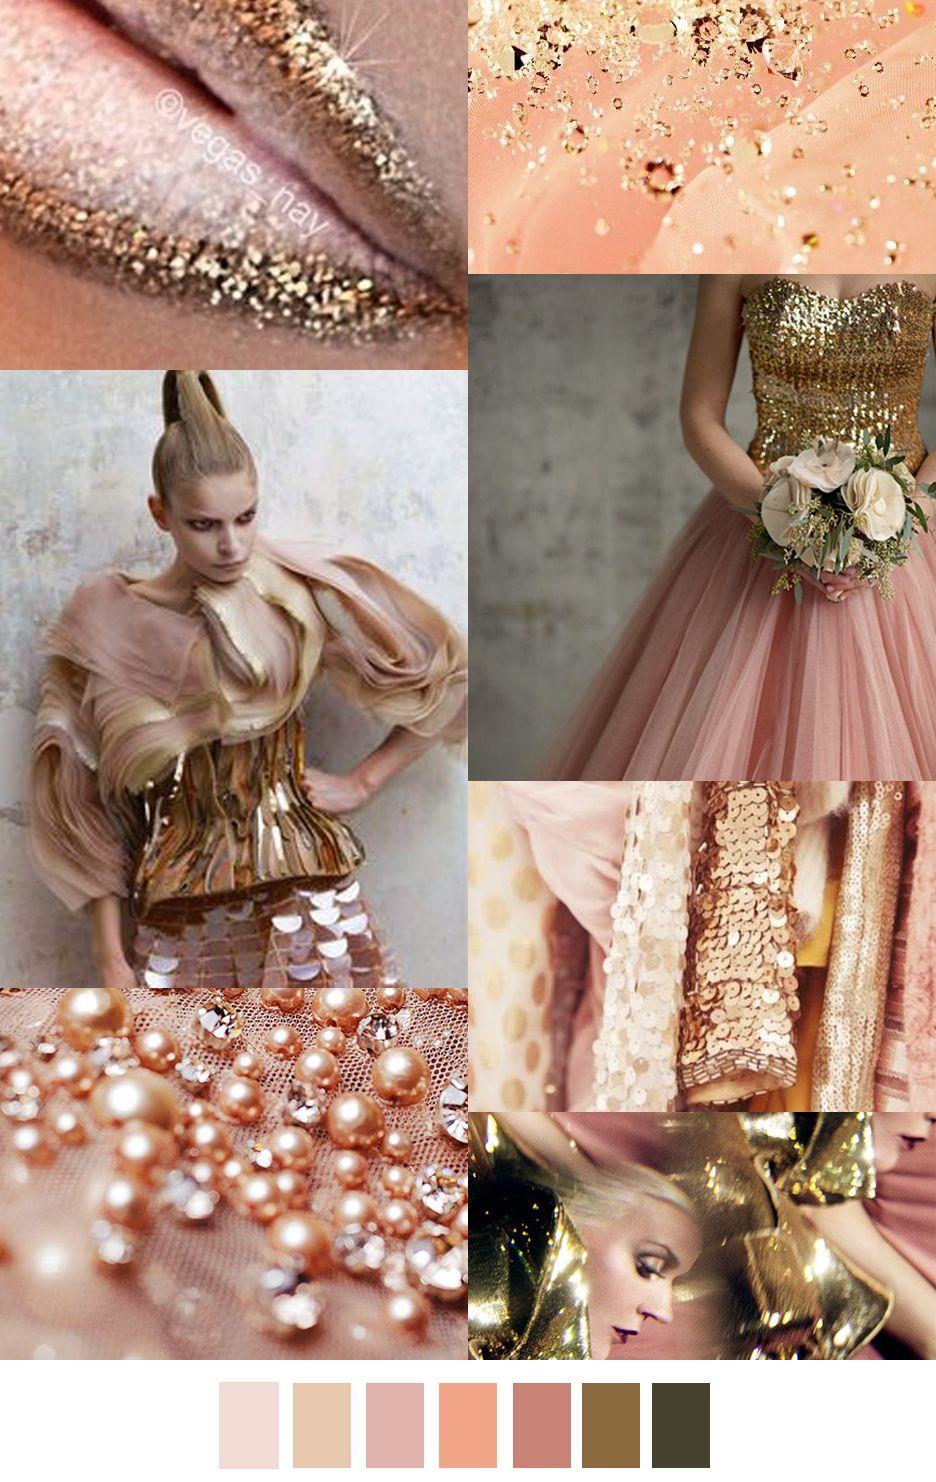 Color Trending Pink: Sources: Pinterest.com, Trishahowe.blogspot.com